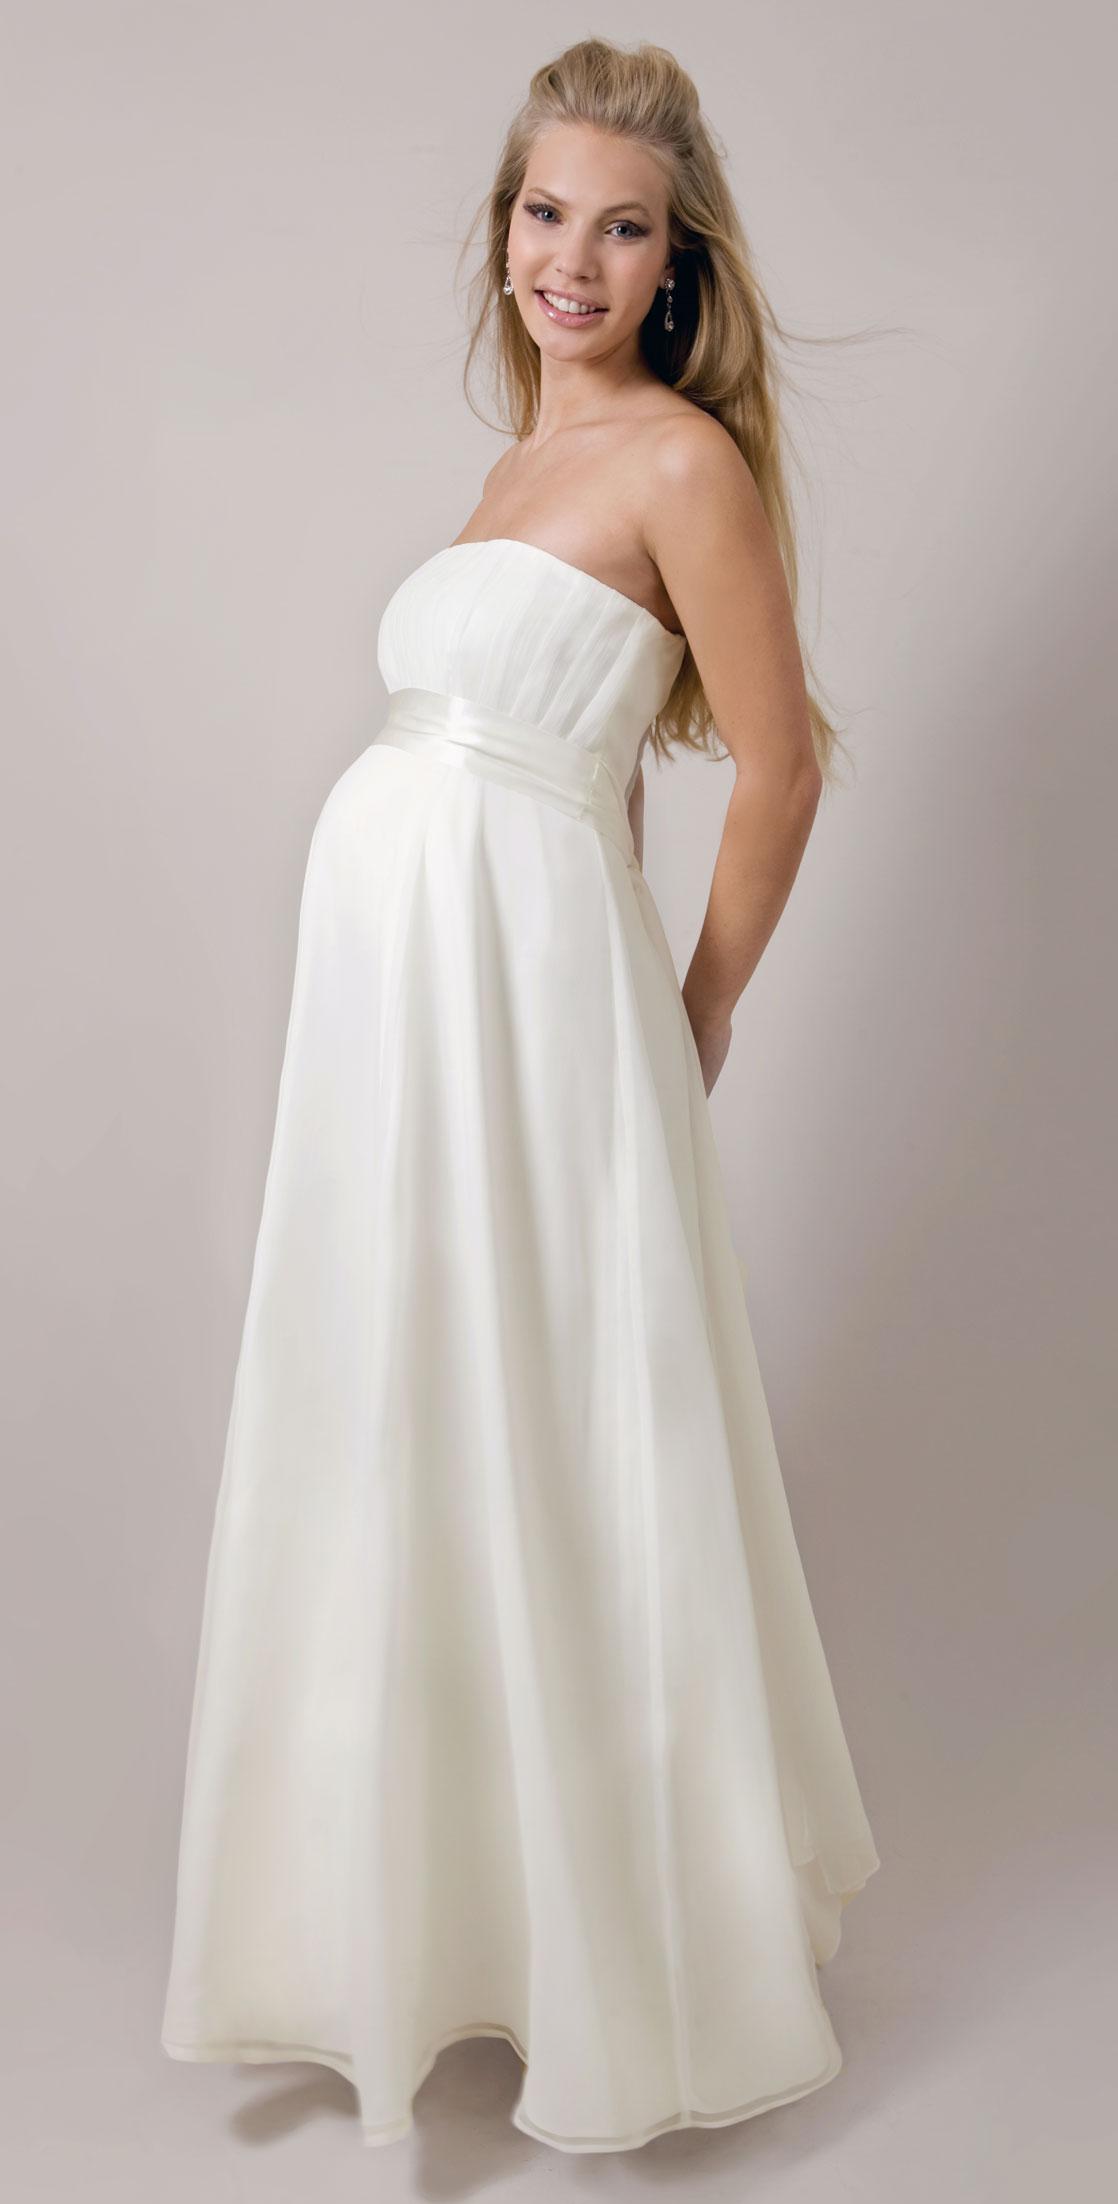 Свадебные платья для беременных 4 месяца фото